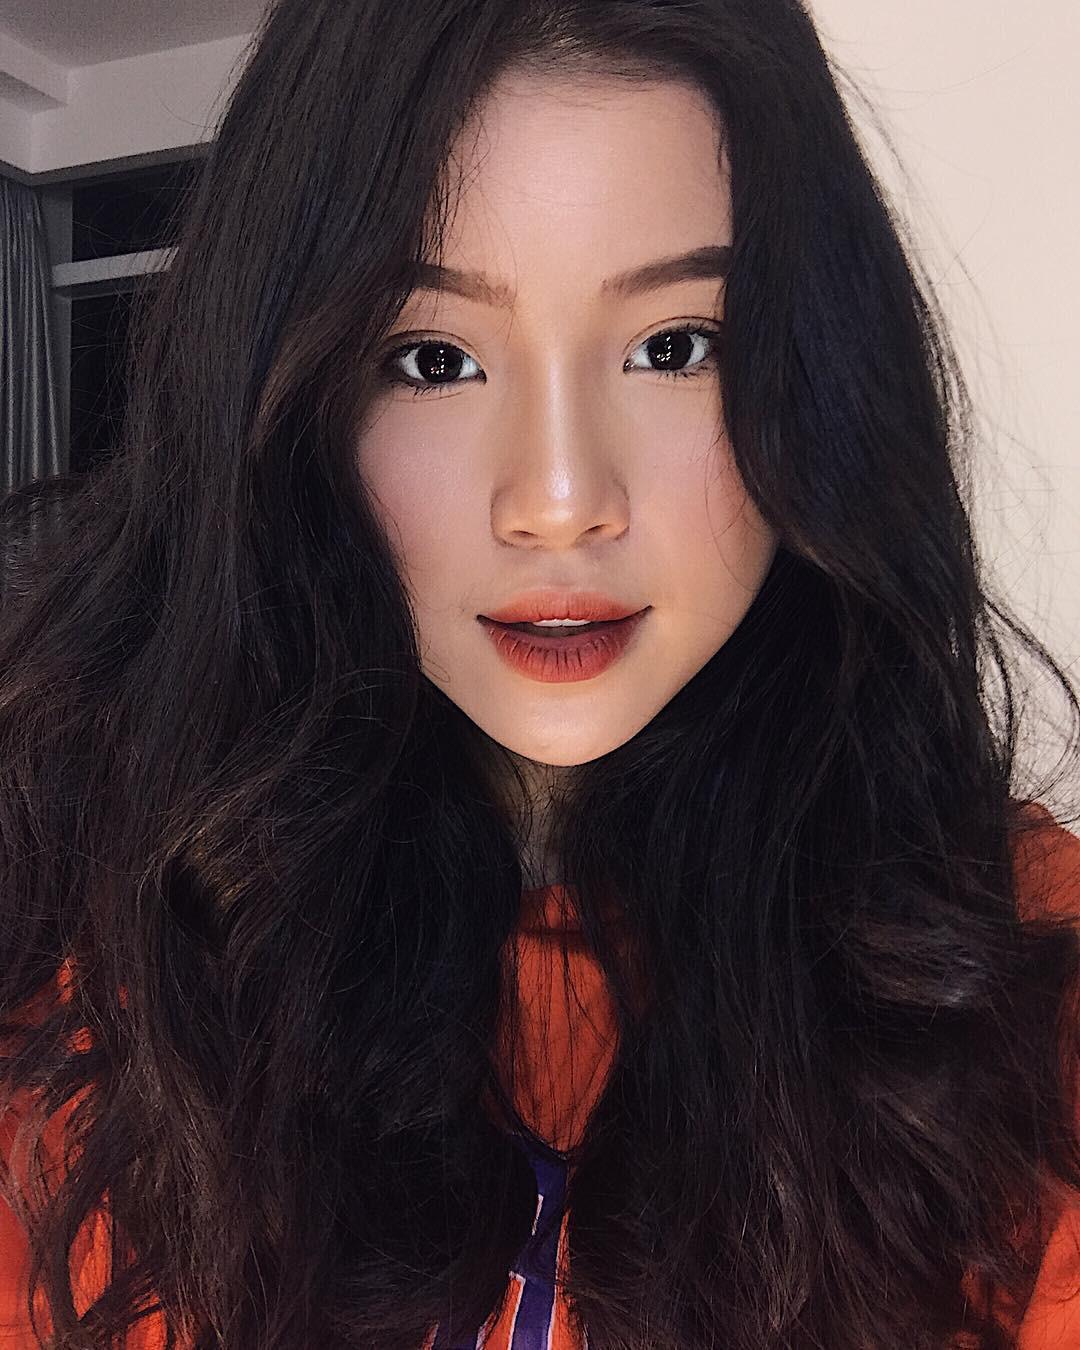 Xinh như búp bê và có nụ cười tươi rói, cô bạn sinh năm 1998 này đang cực hot trên Instagram Việt Nam - Ảnh 3.